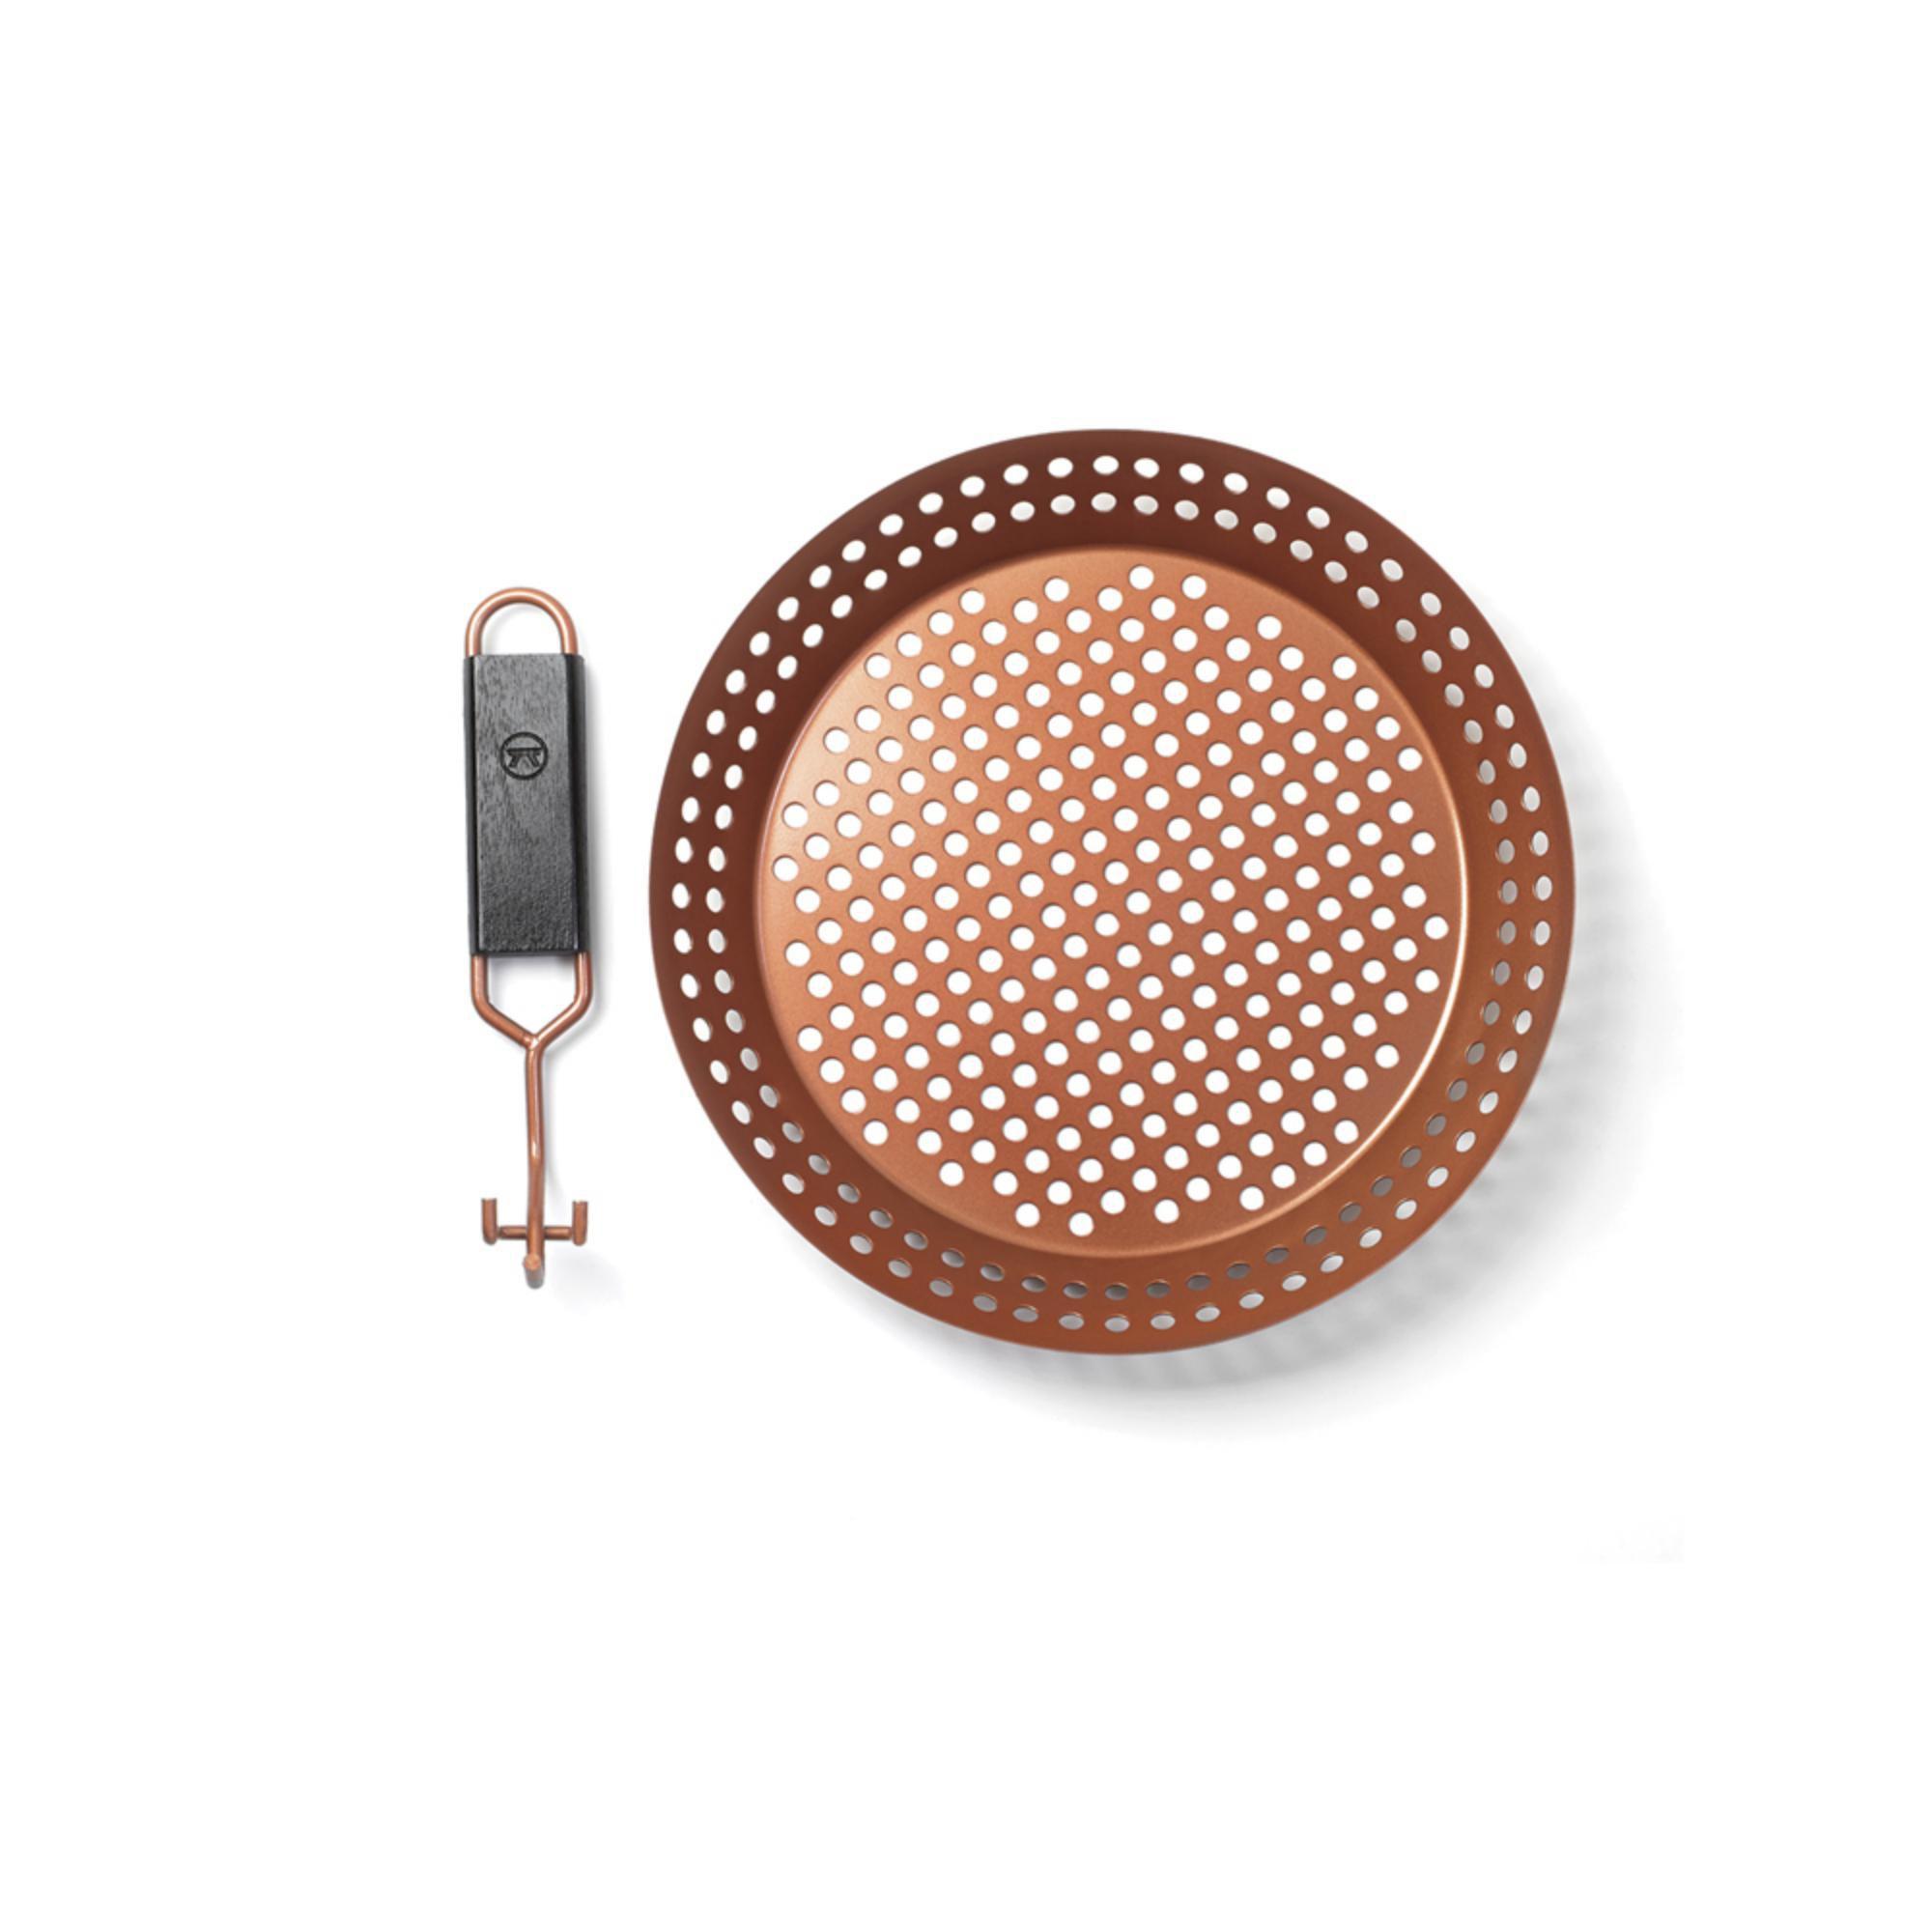 Panela Frigideira Antiaderente 30cm para Grelhar em Churrasqueira Bronze  Prana